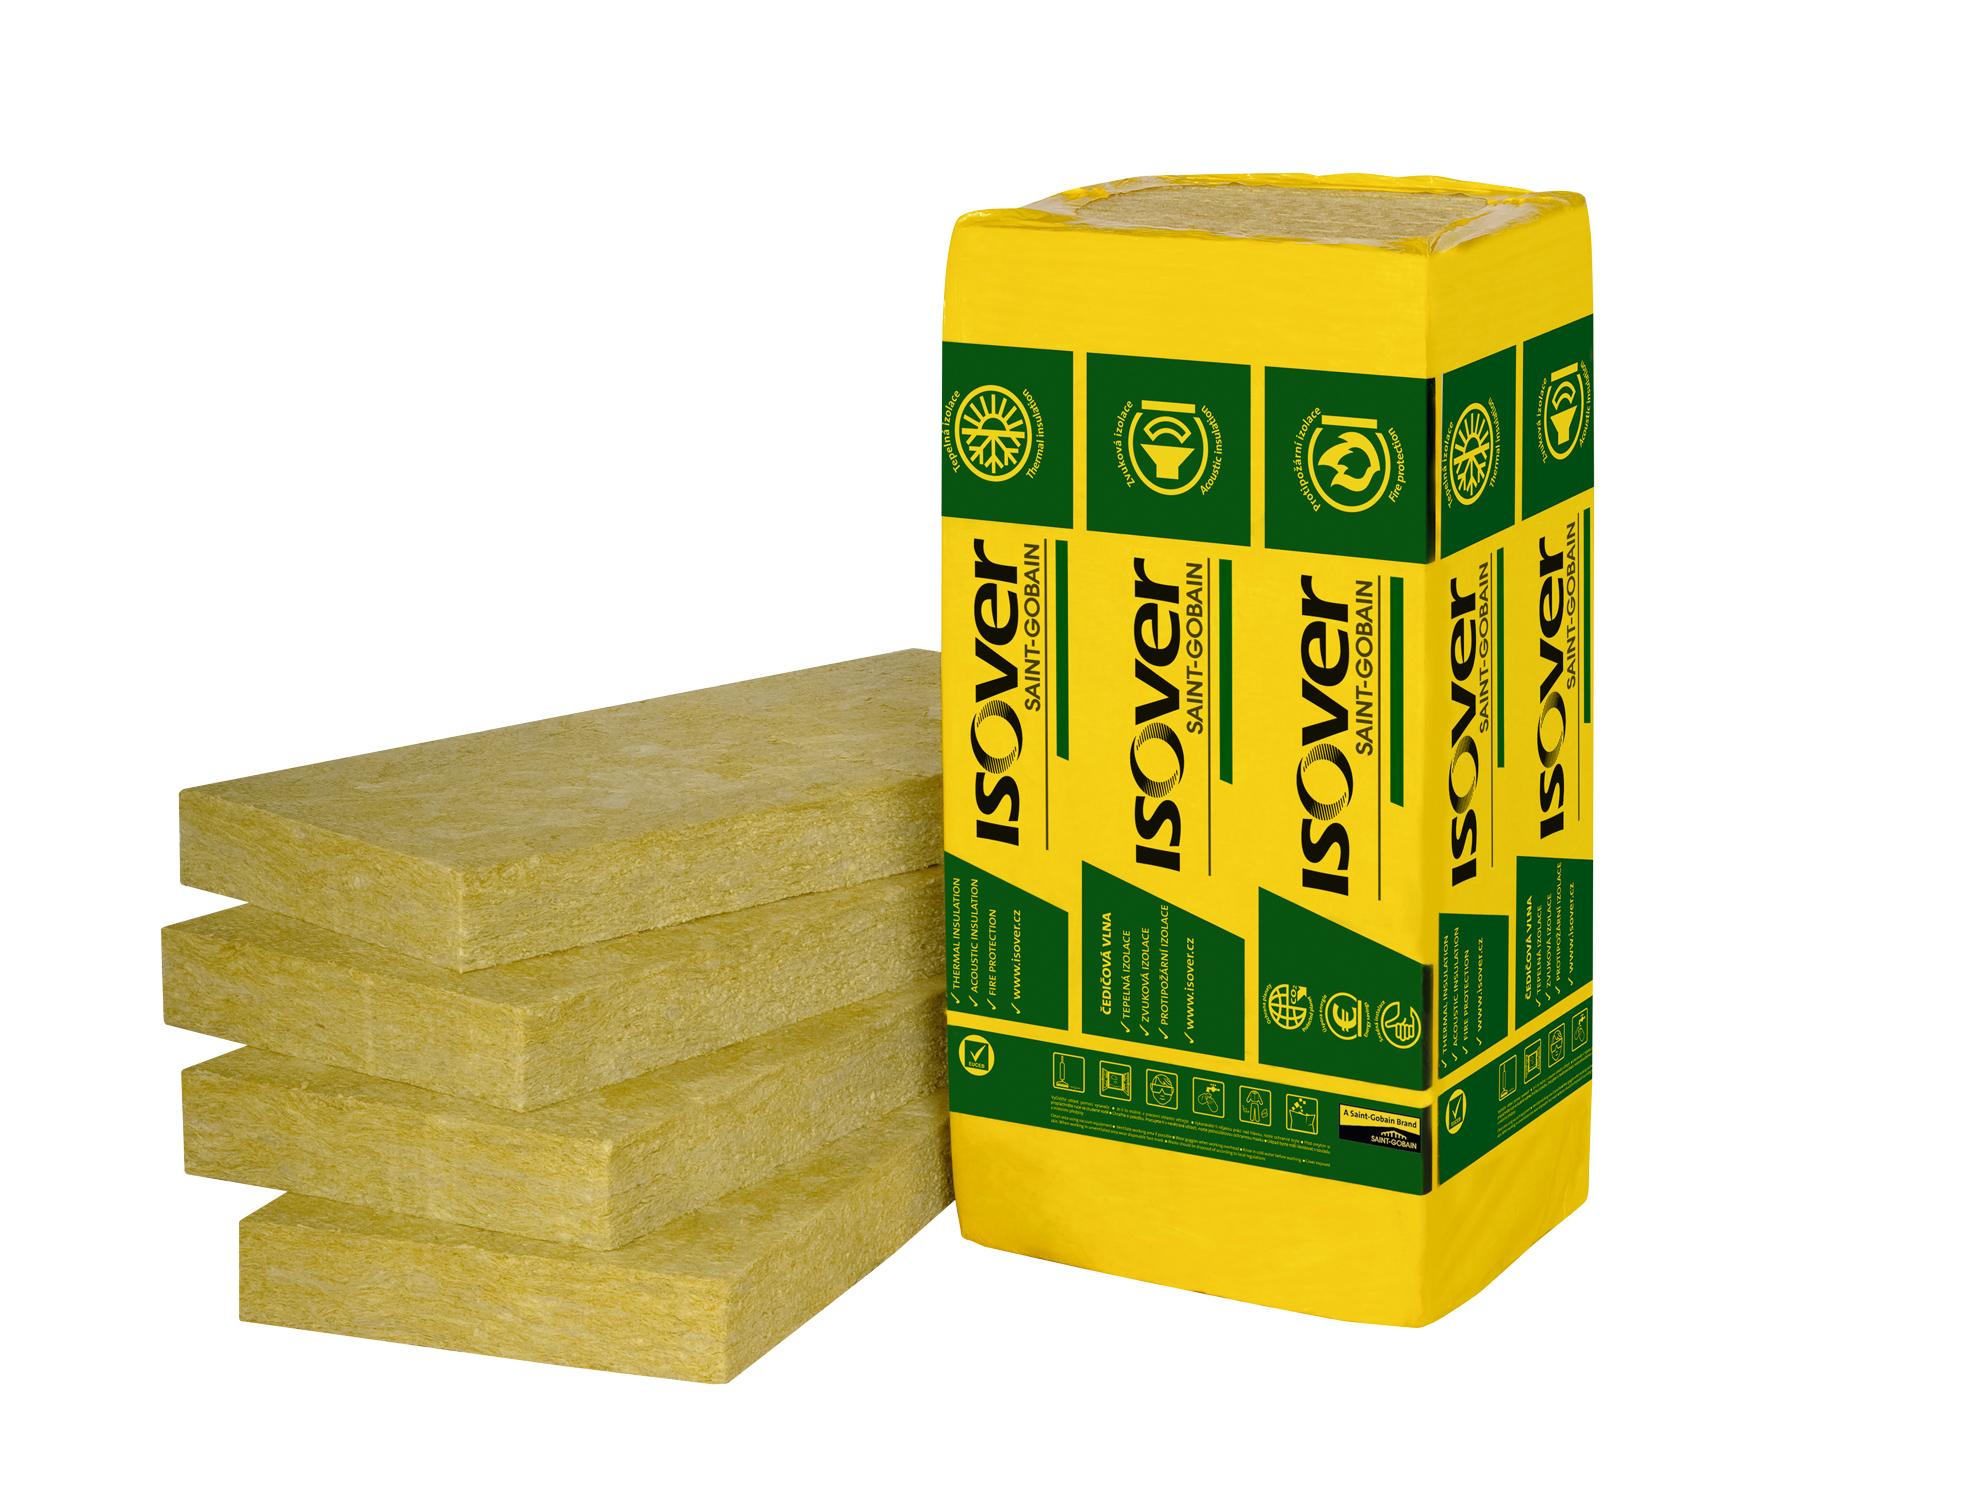 Minerální vata ISOVER UNI desky 160 mm (1200x600 mm), cena za m2